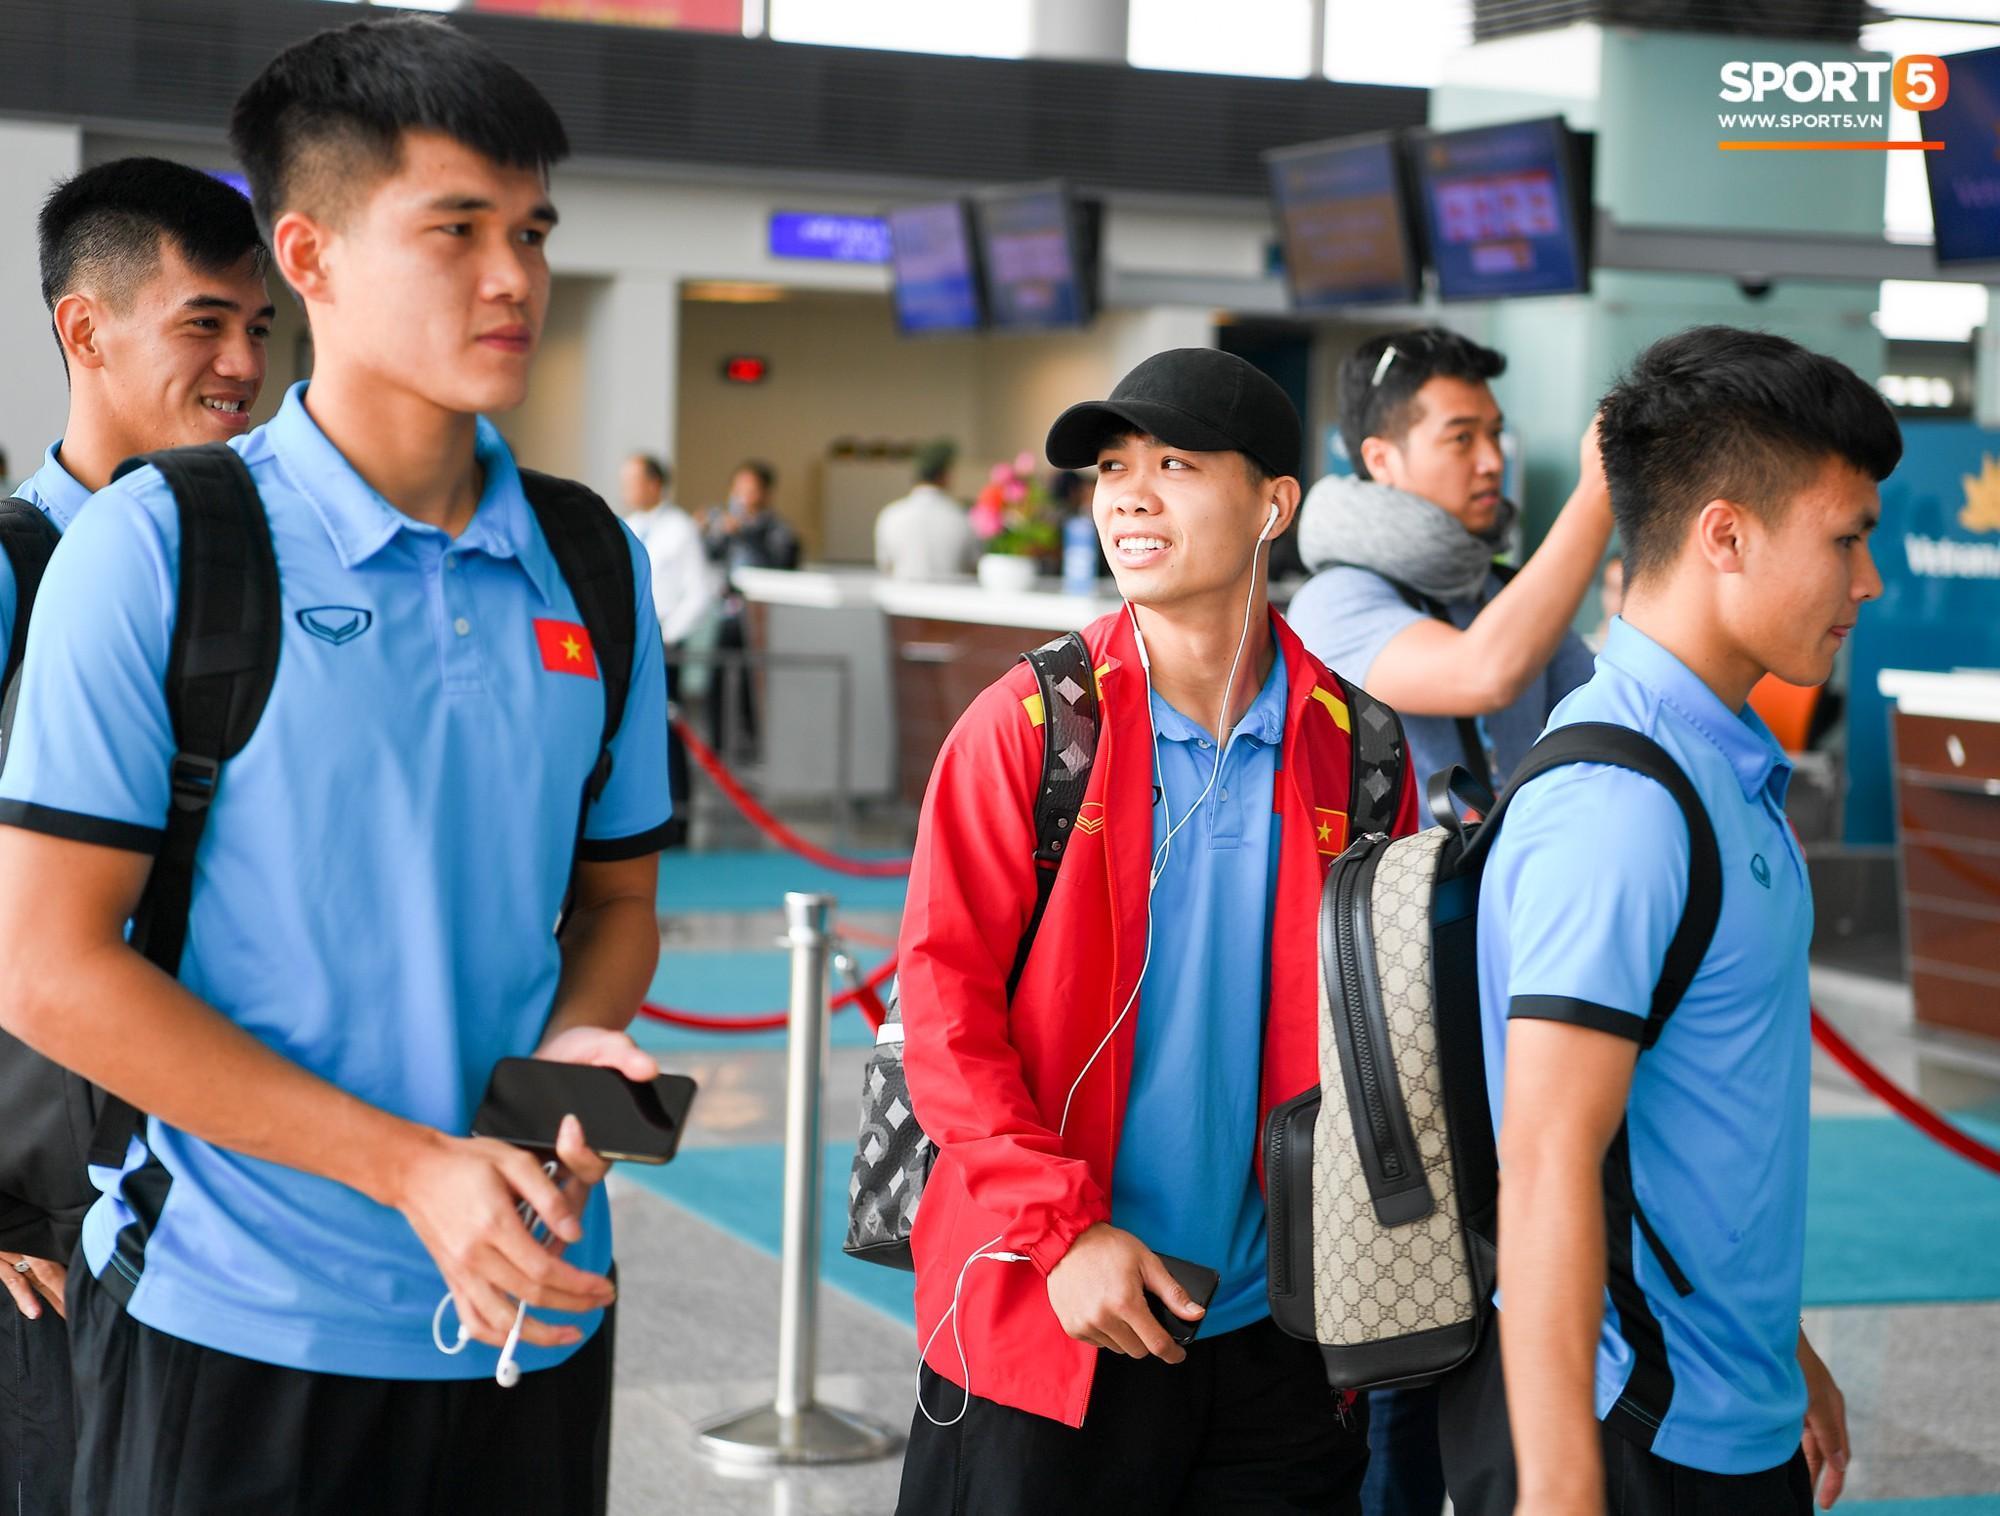 Tuyển thủ Việt Nam tranh nhau ăn bánh gấu của Hoàng tử Ả-rập trước giờ bay sang Philippines dự bán kết AFF Cup 2018 - Ảnh 10.